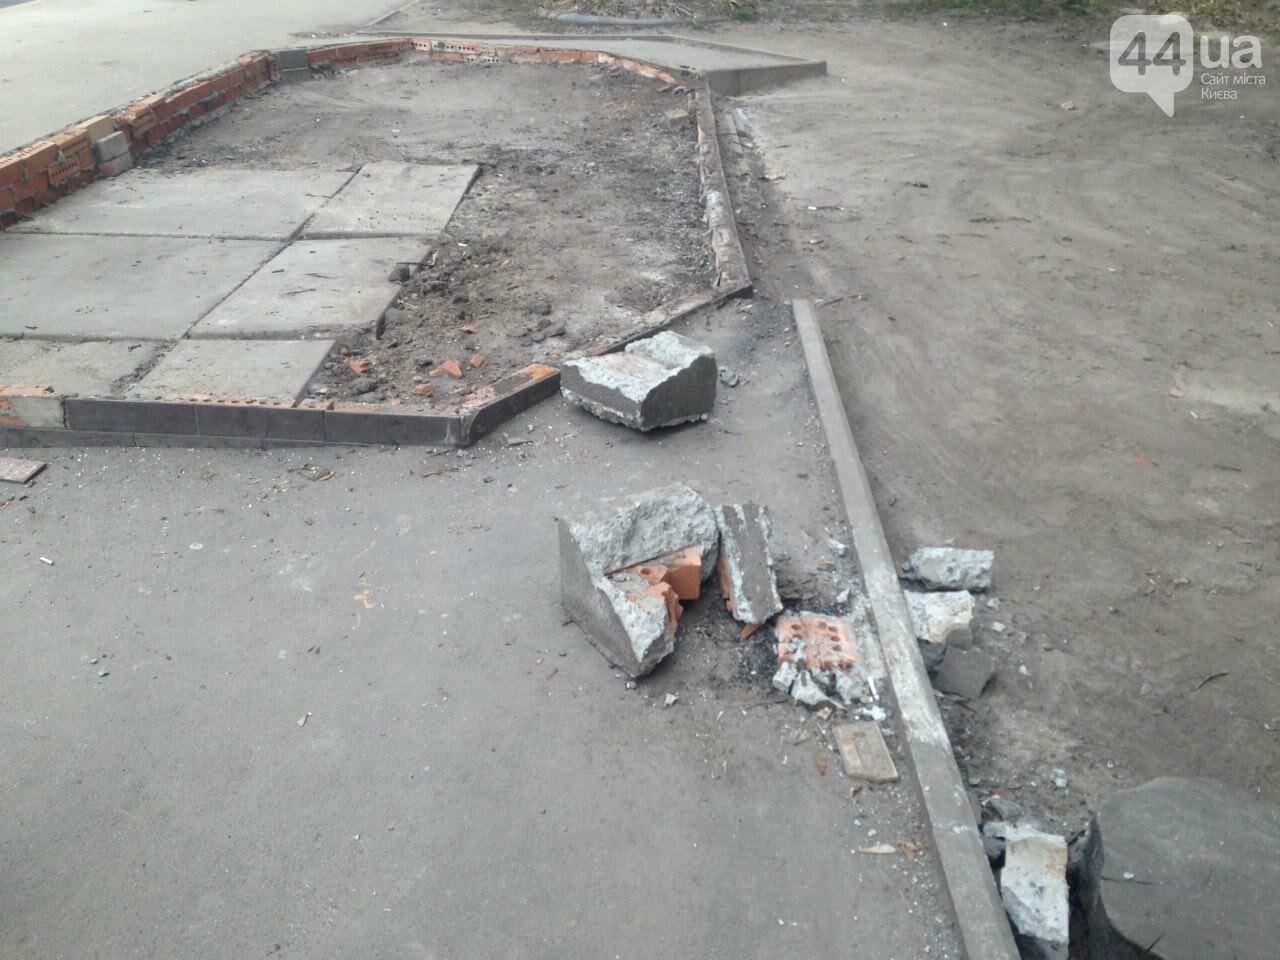 В Киеве вместе с МАФом снесли остановку (ФОТО), фото-2